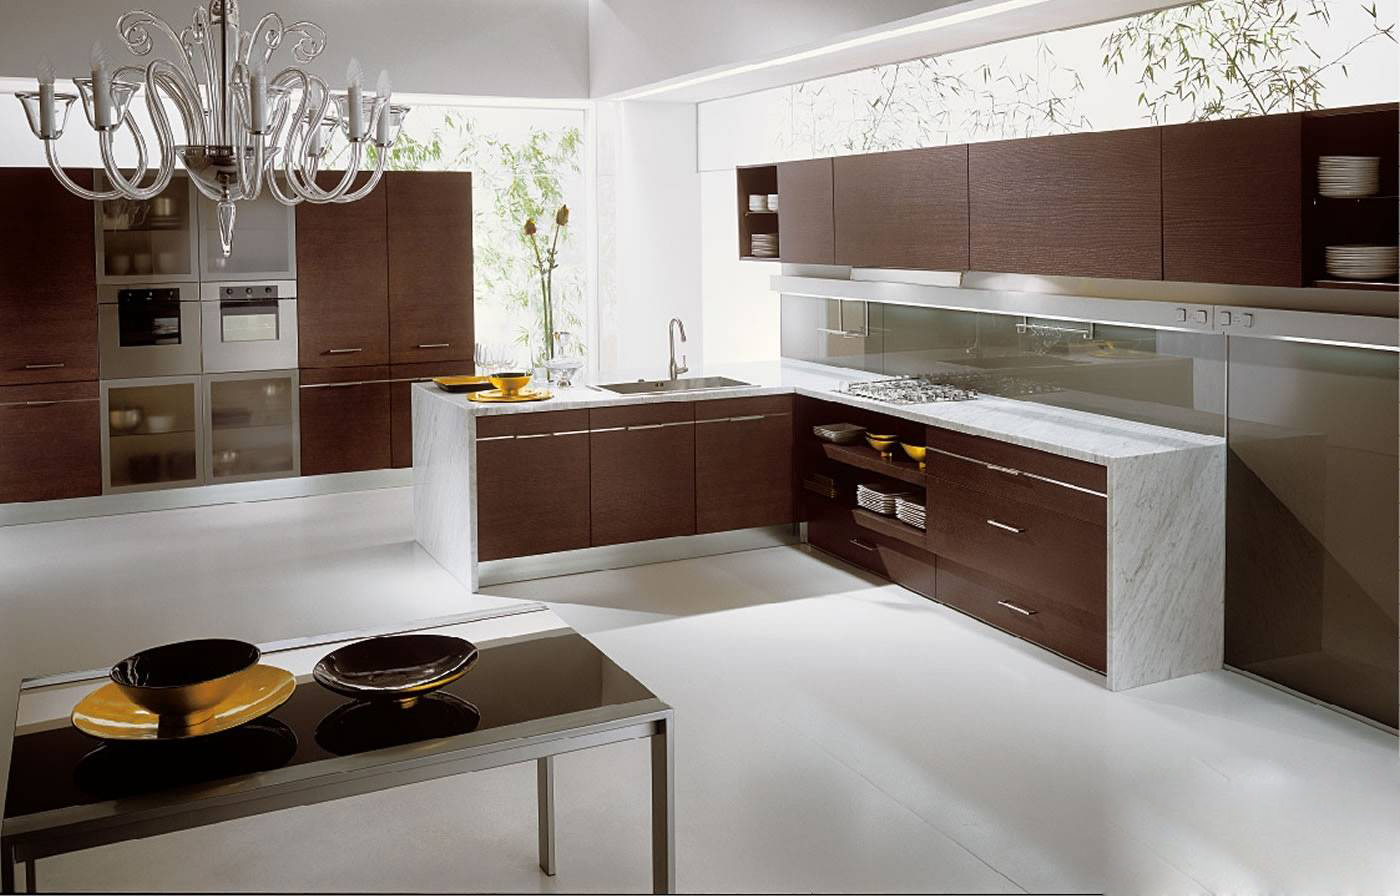 Mẫu thiết kế tủ bếp gỗ công nghiệp Laminate